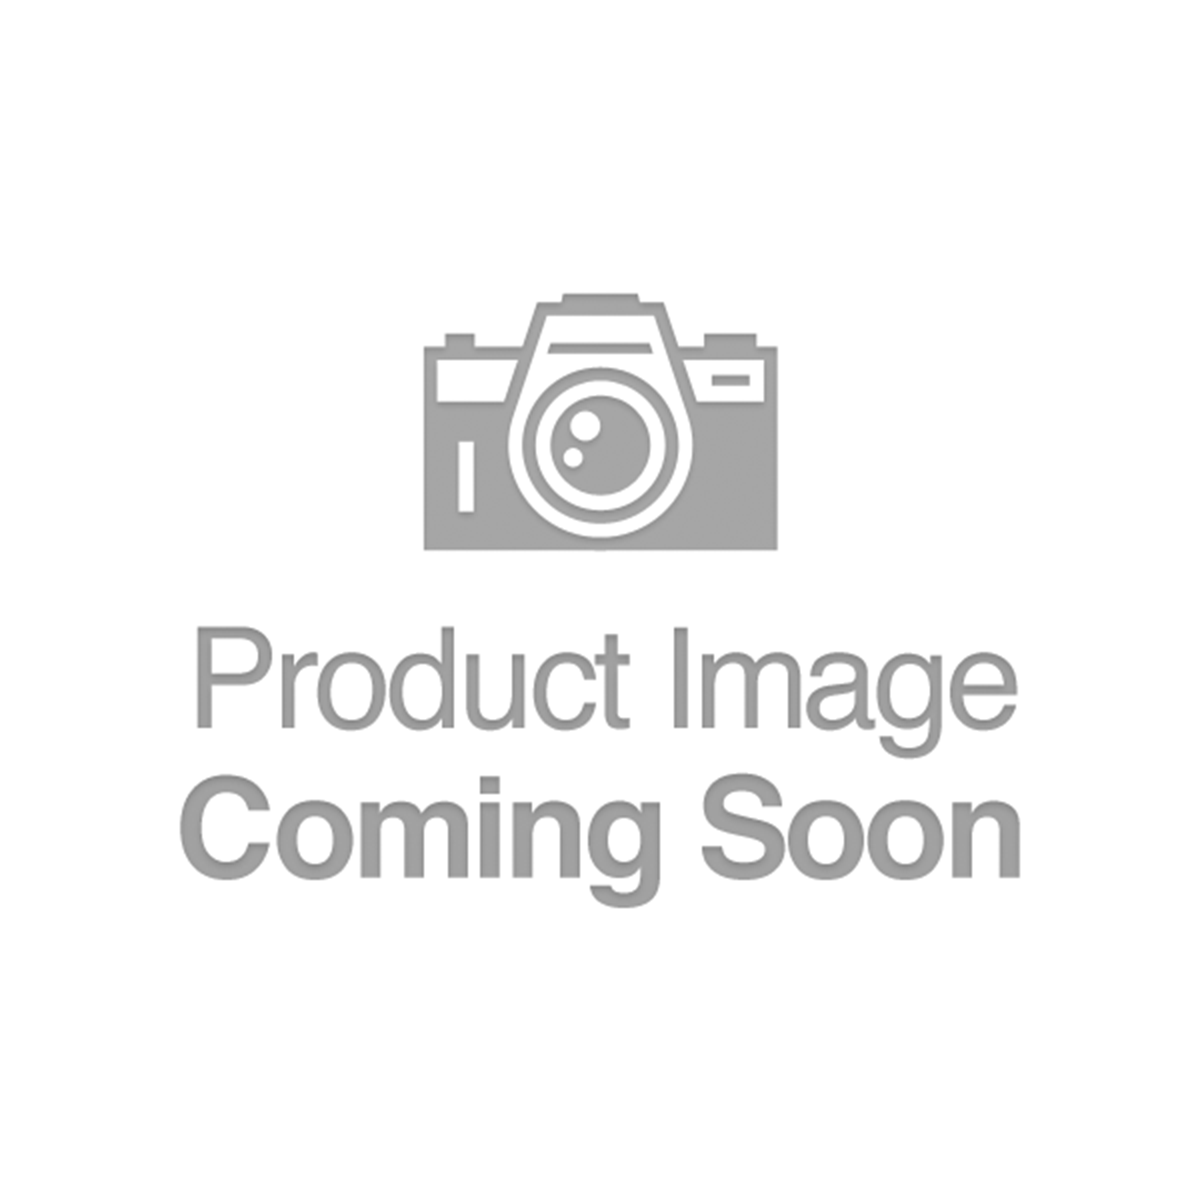 Fairview – New Jersey – CH 12465 – FR 1800-1 – VF